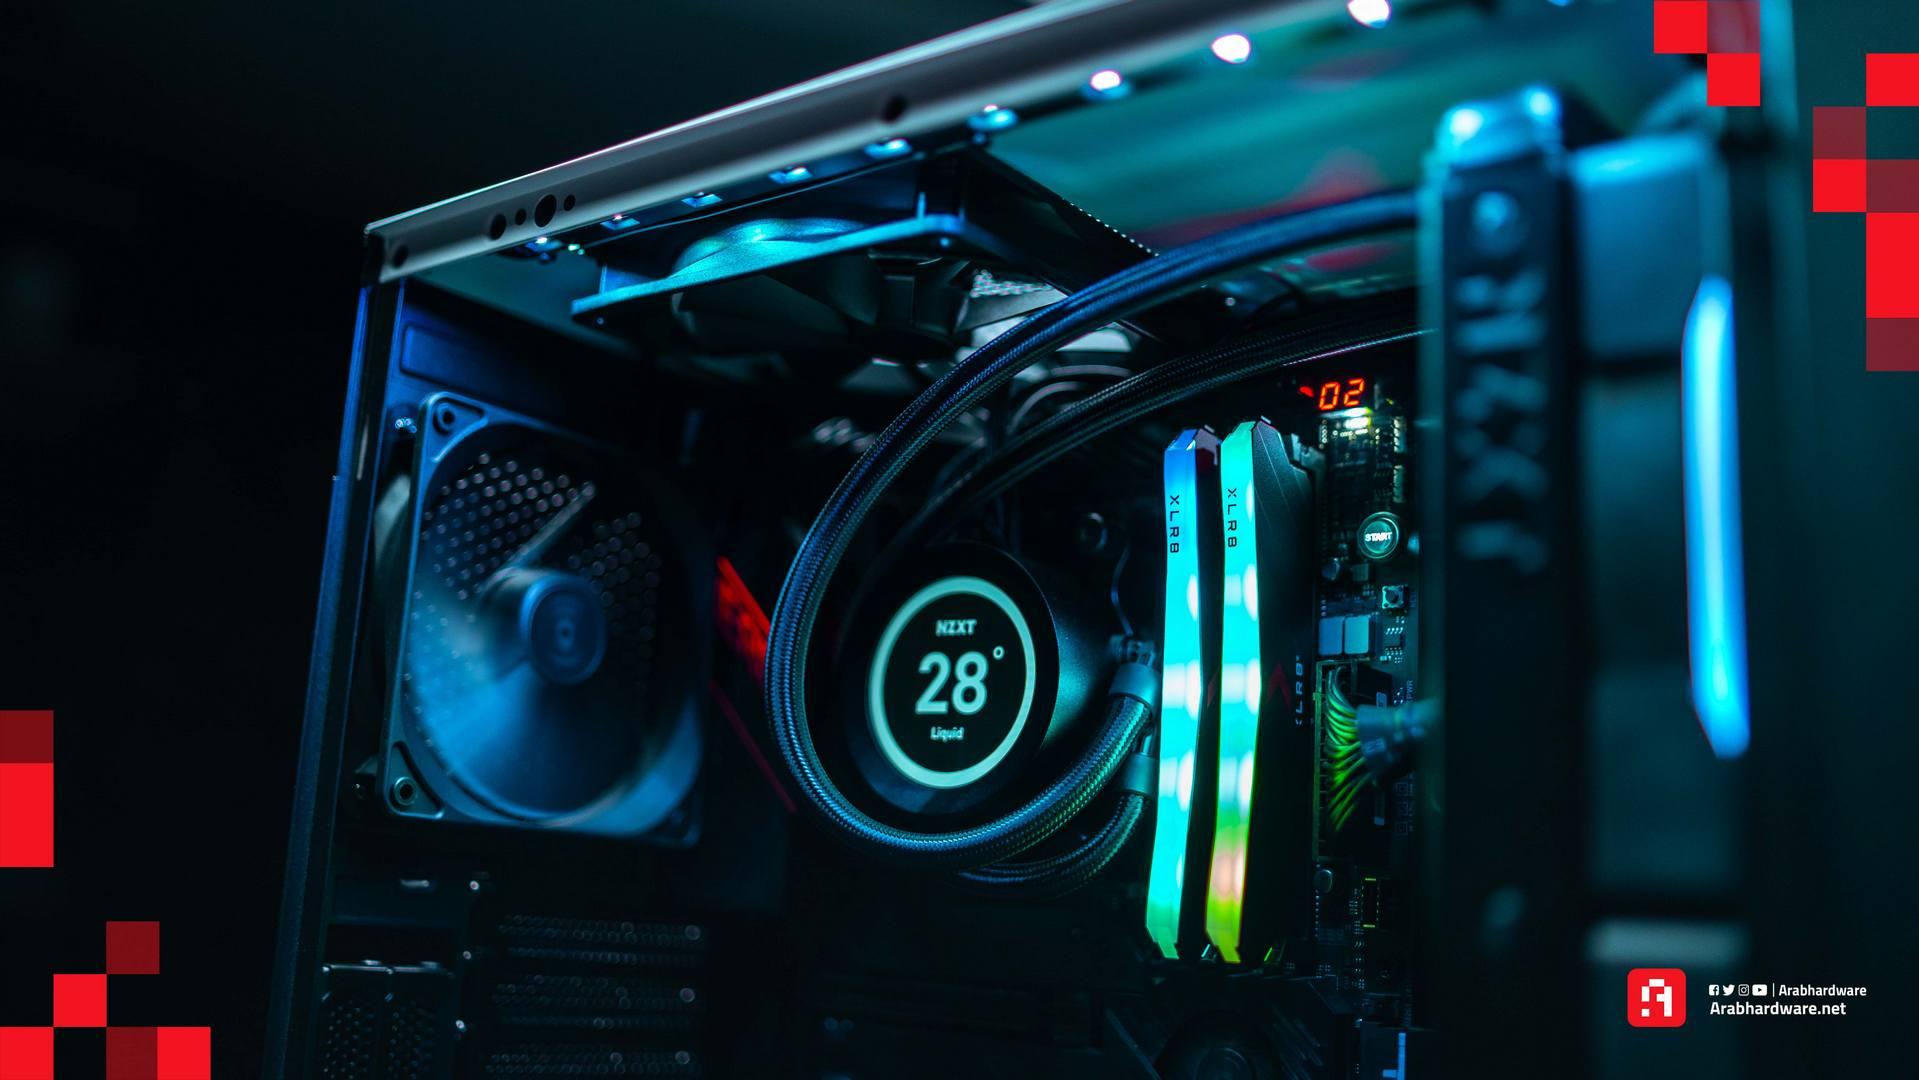 PNY XLR8 DDR4